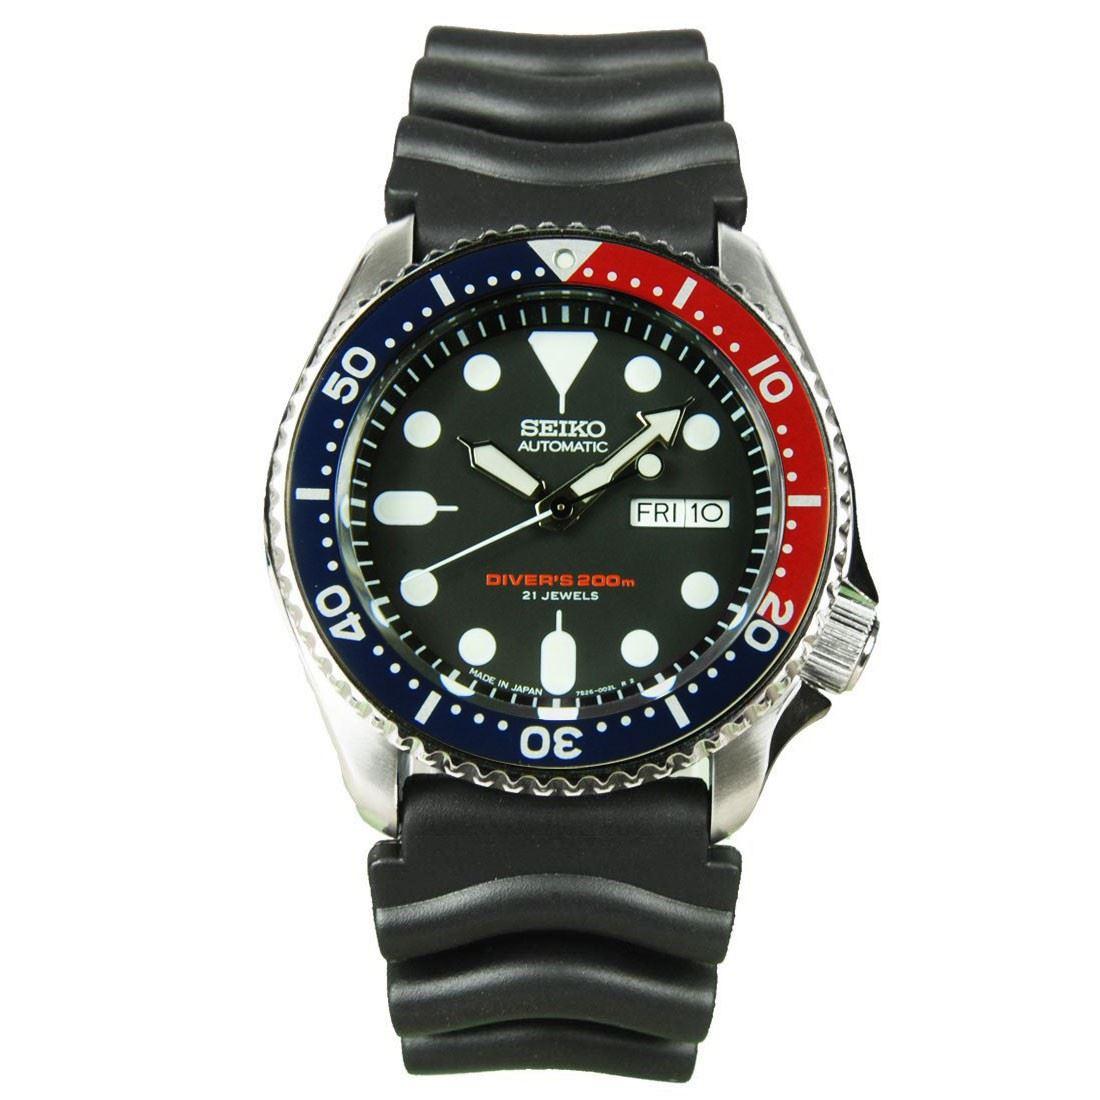 Seiko Automatic Divers 21 Jewels Skx009 Skx009j Skx009j1 Srpb01